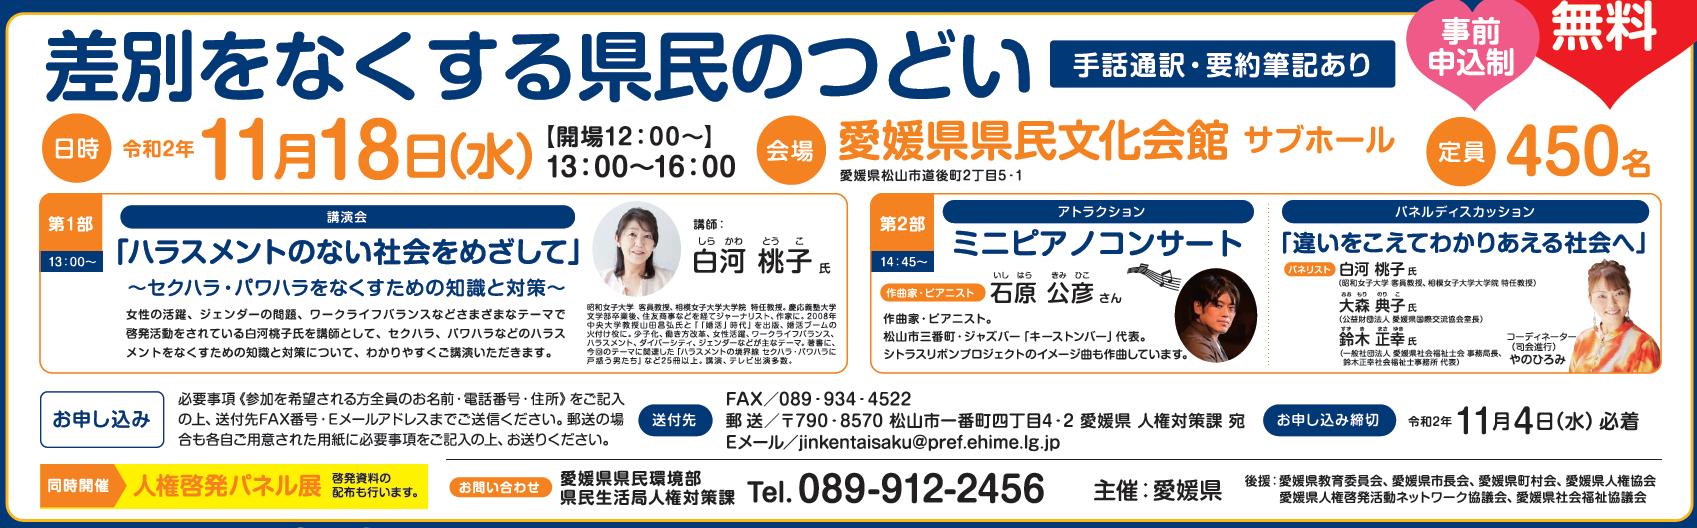 県民 文化 会館 愛媛 県